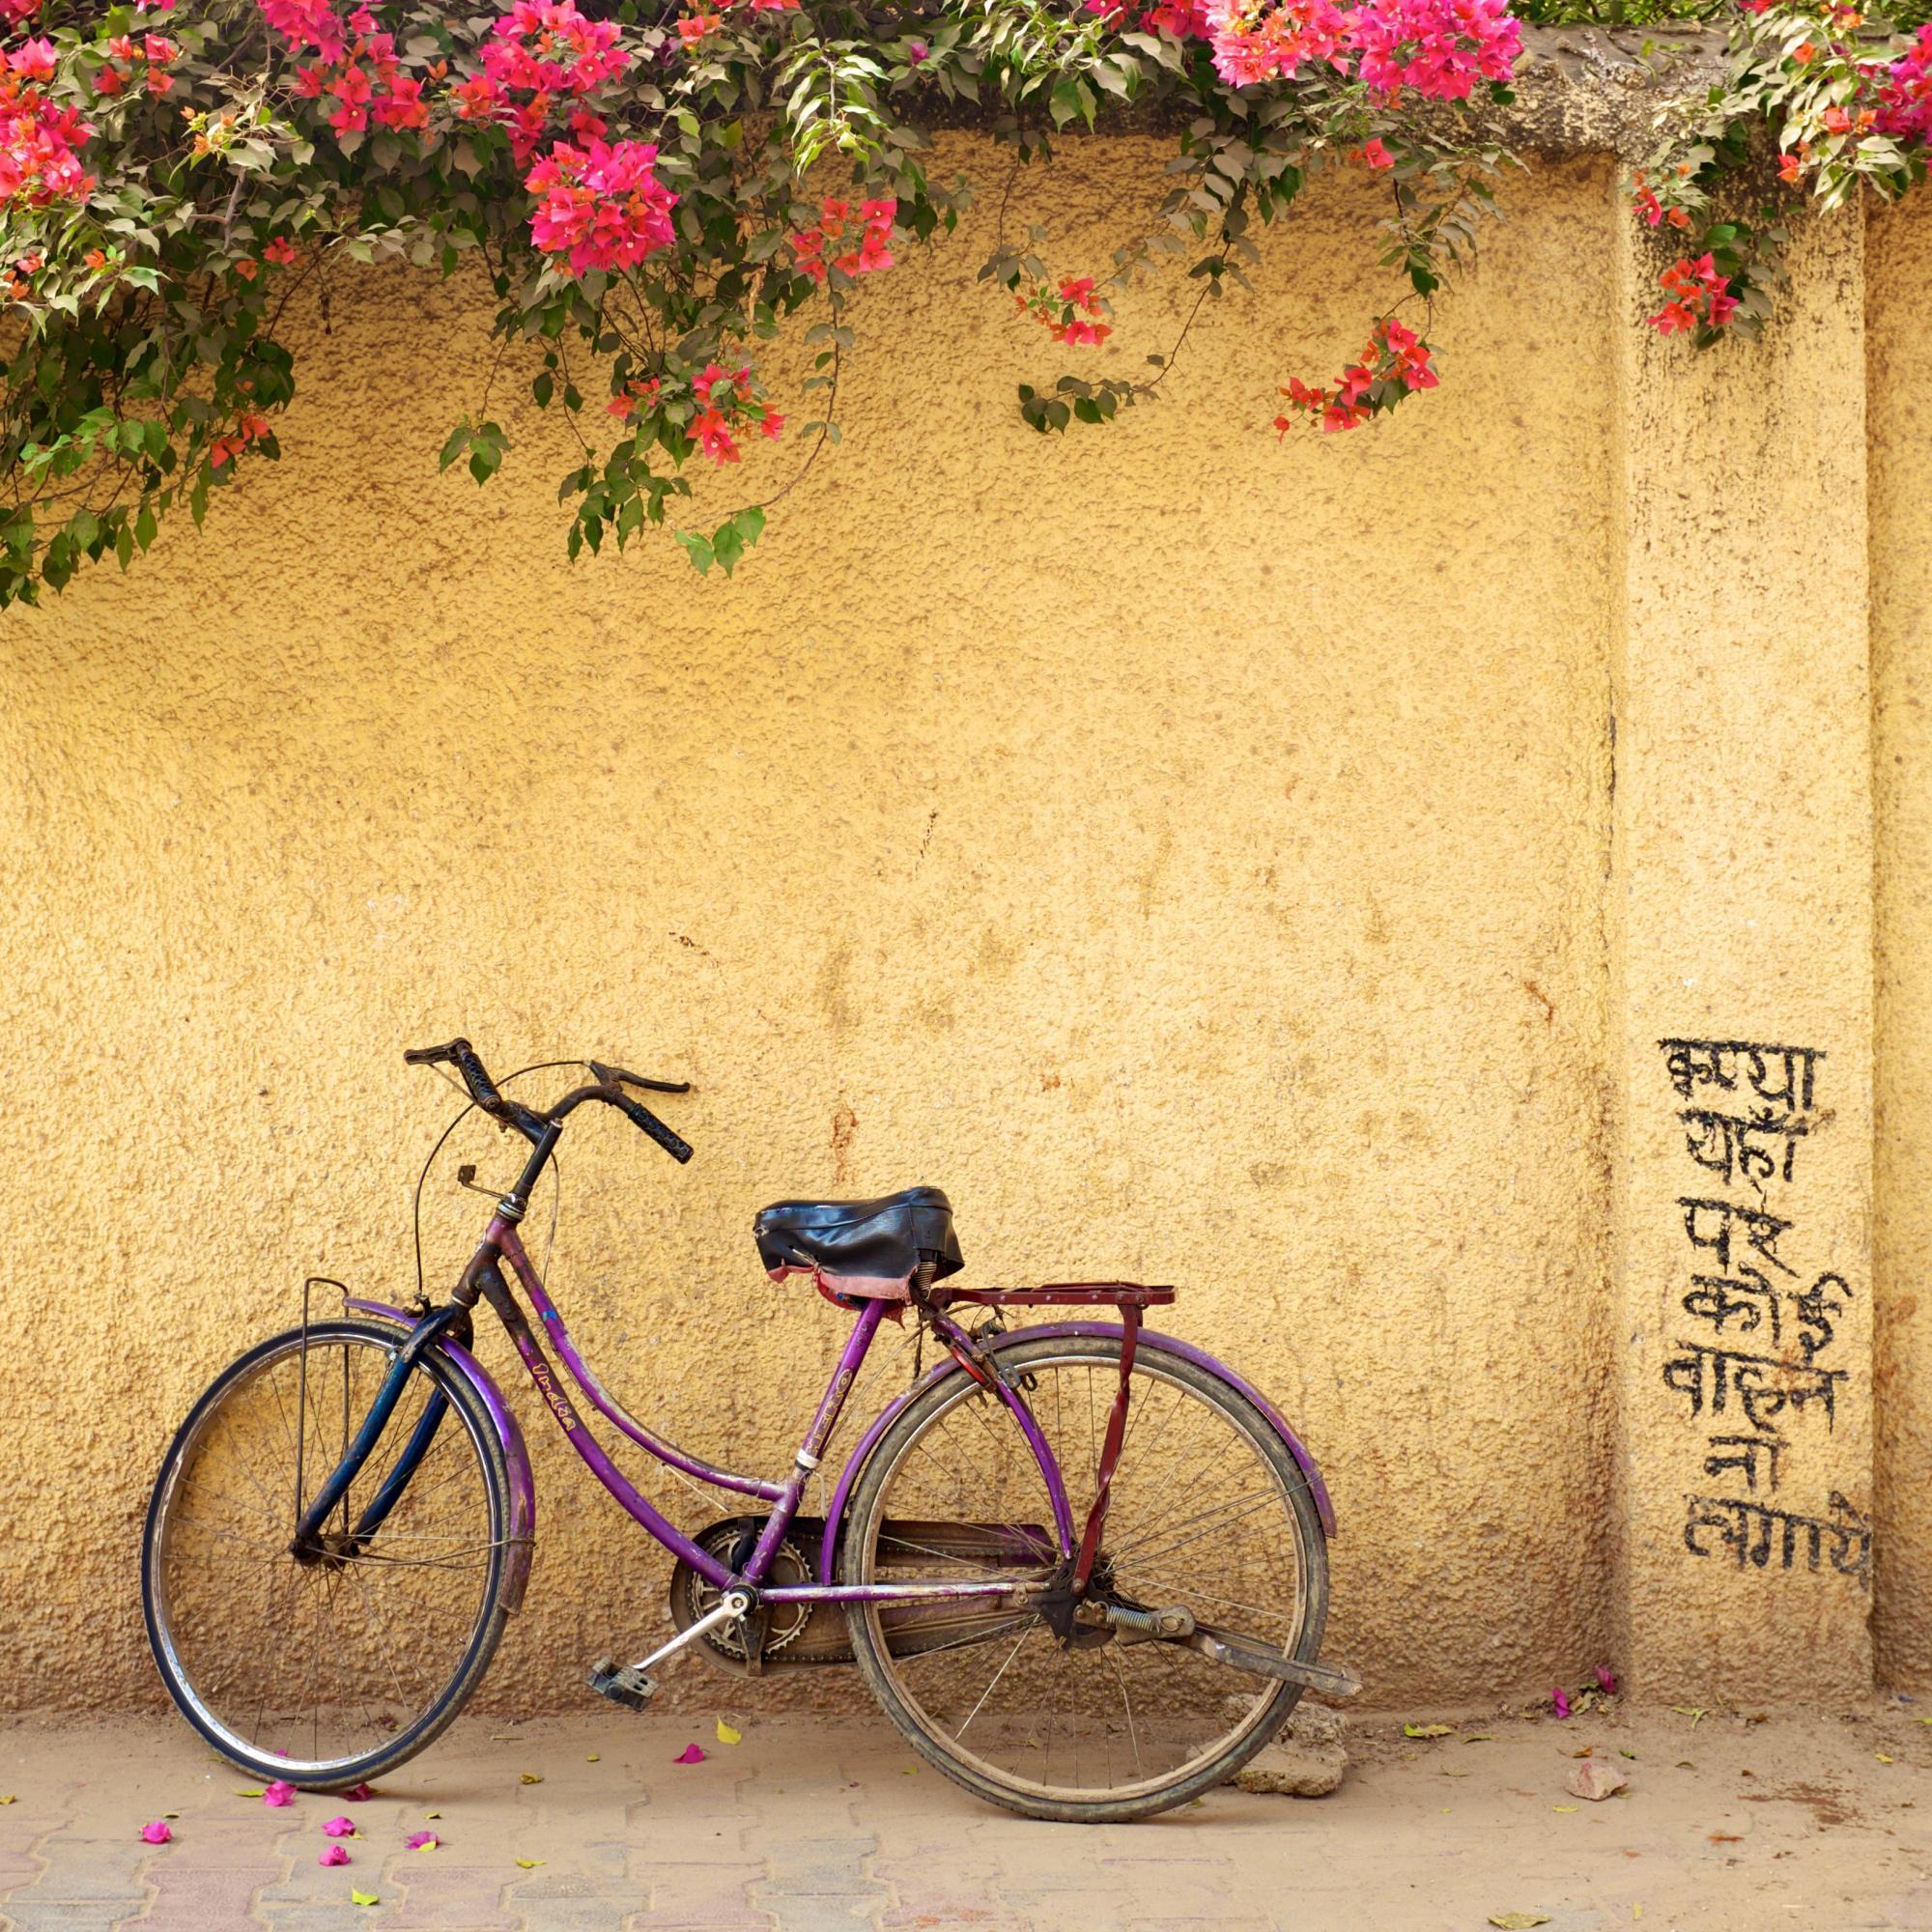 Avishek Datta